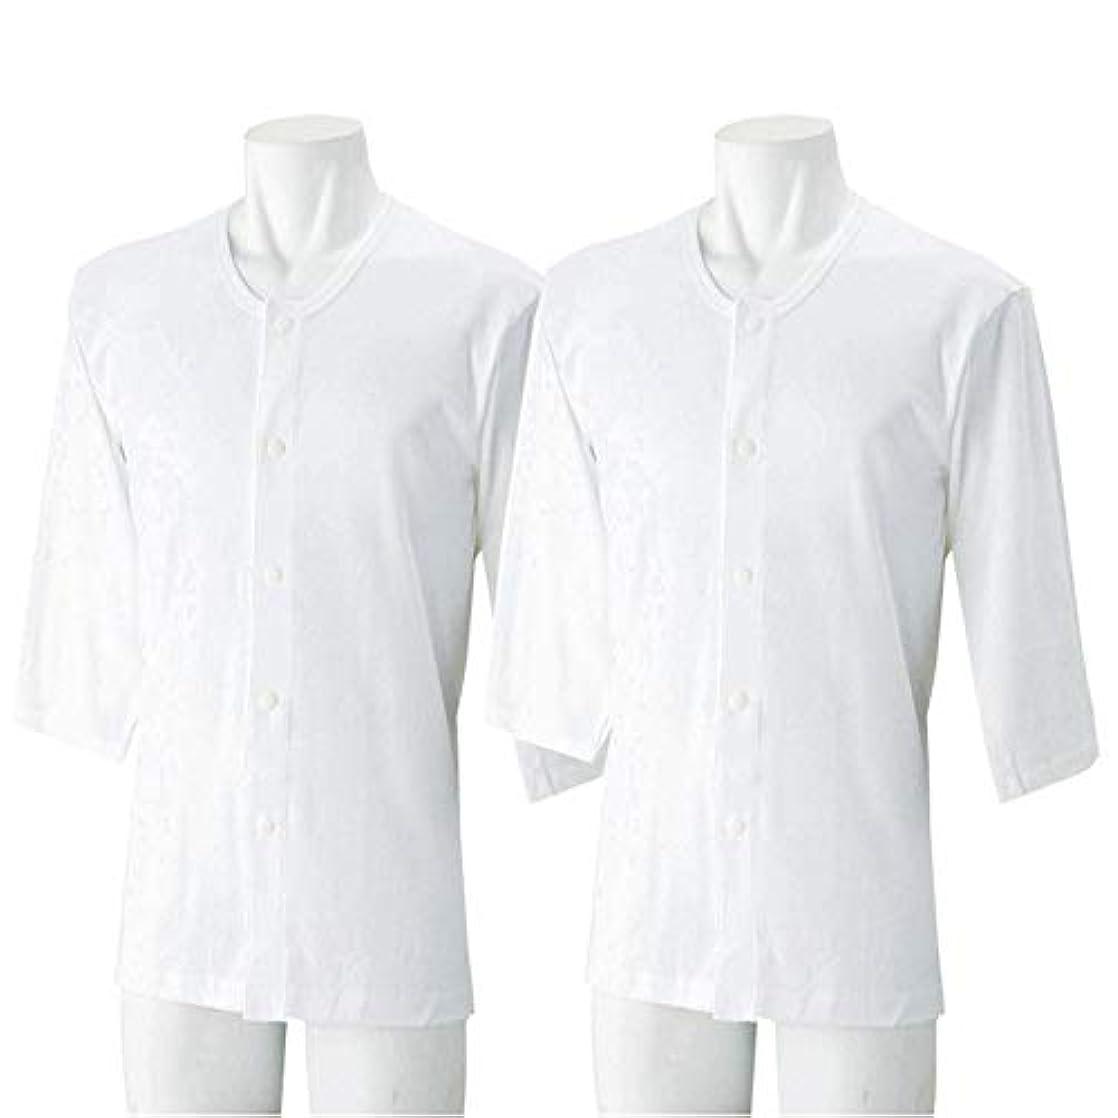 振る舞う個人的な月[pkpohs] 介護肌着 プラスチック ホック 2枚組 前開き 男性 半袖 7分袖 らくらく肌着 (白?7分袖, M)